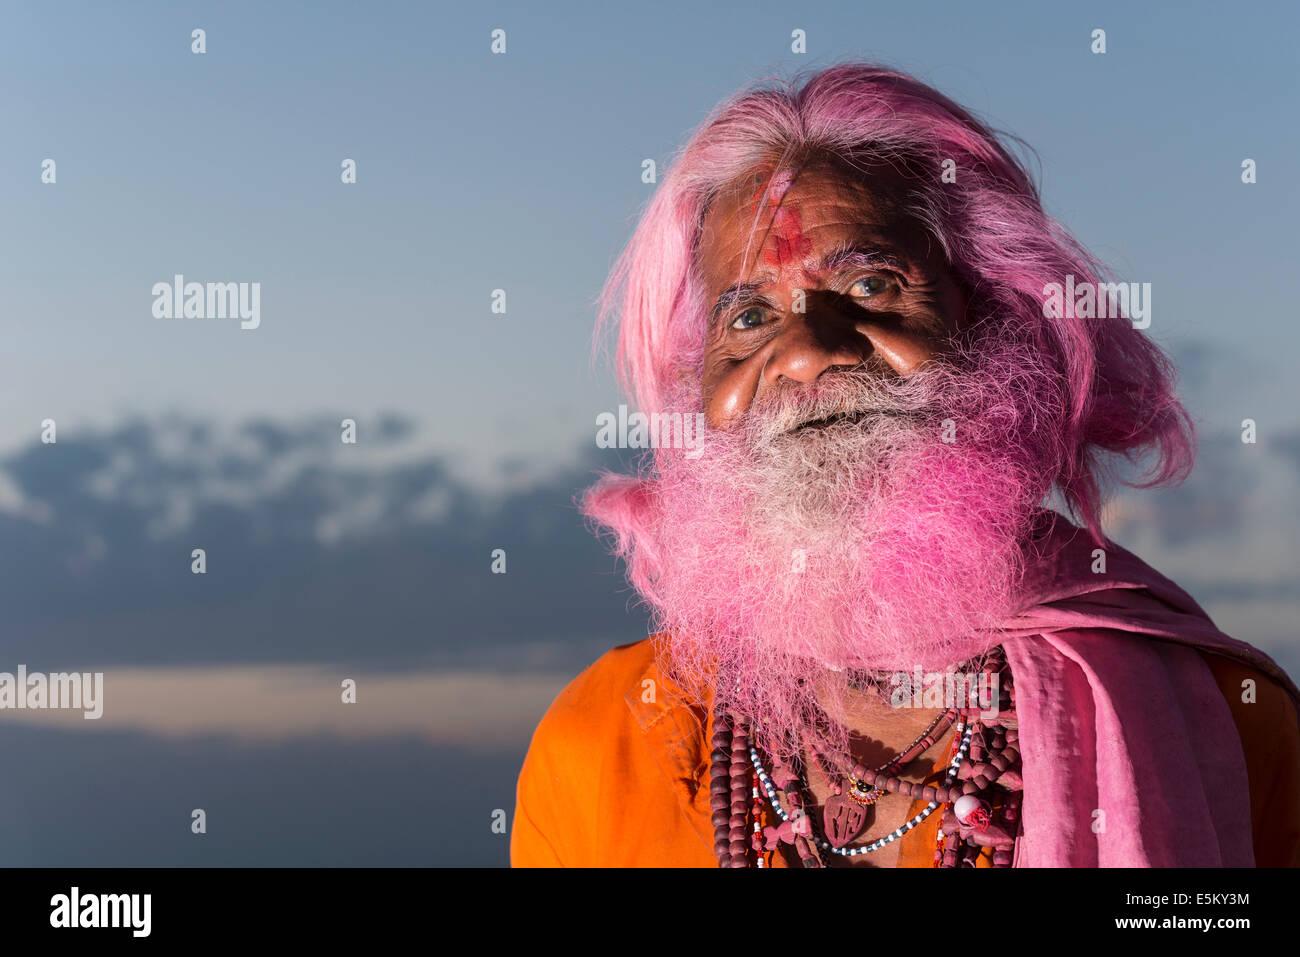 Porträt eines alten Mannes mit einem rosa Bart auf dem Holi Festival, Vrindavan, Uttar Pradesh, Indien Stockbild